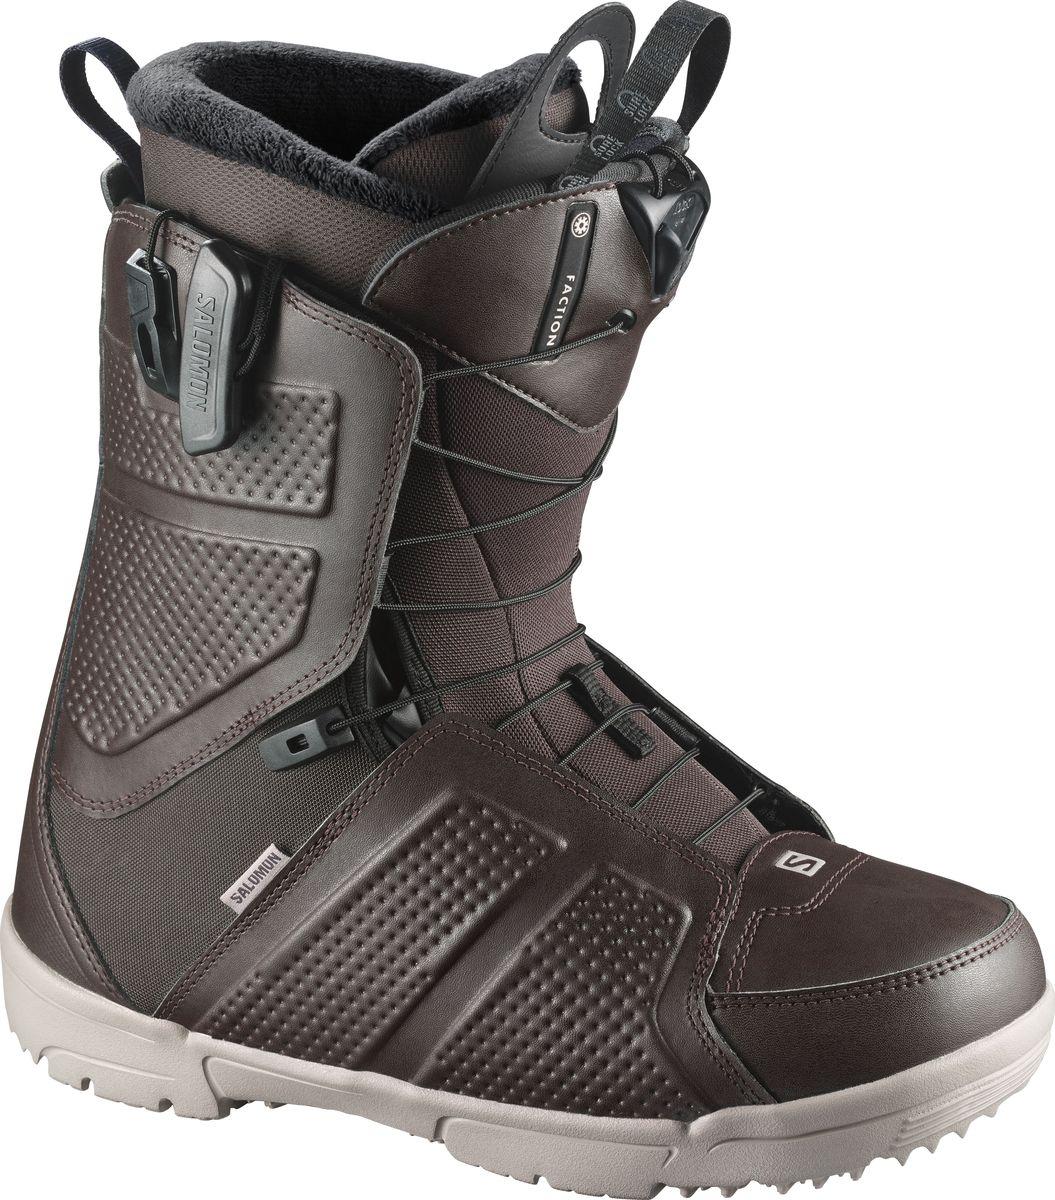 Ботинки для сноуборда Salomon Faction, цвет: коричневый, хаки. Размер 28 (42,5)L39952400Ни один ботинок в этом ценовом диапазоне не сравнится с Faction. Фирменная ДНК Salomon - посадка, отзывчивость и долговечность, лучшая покупка десятилетия.